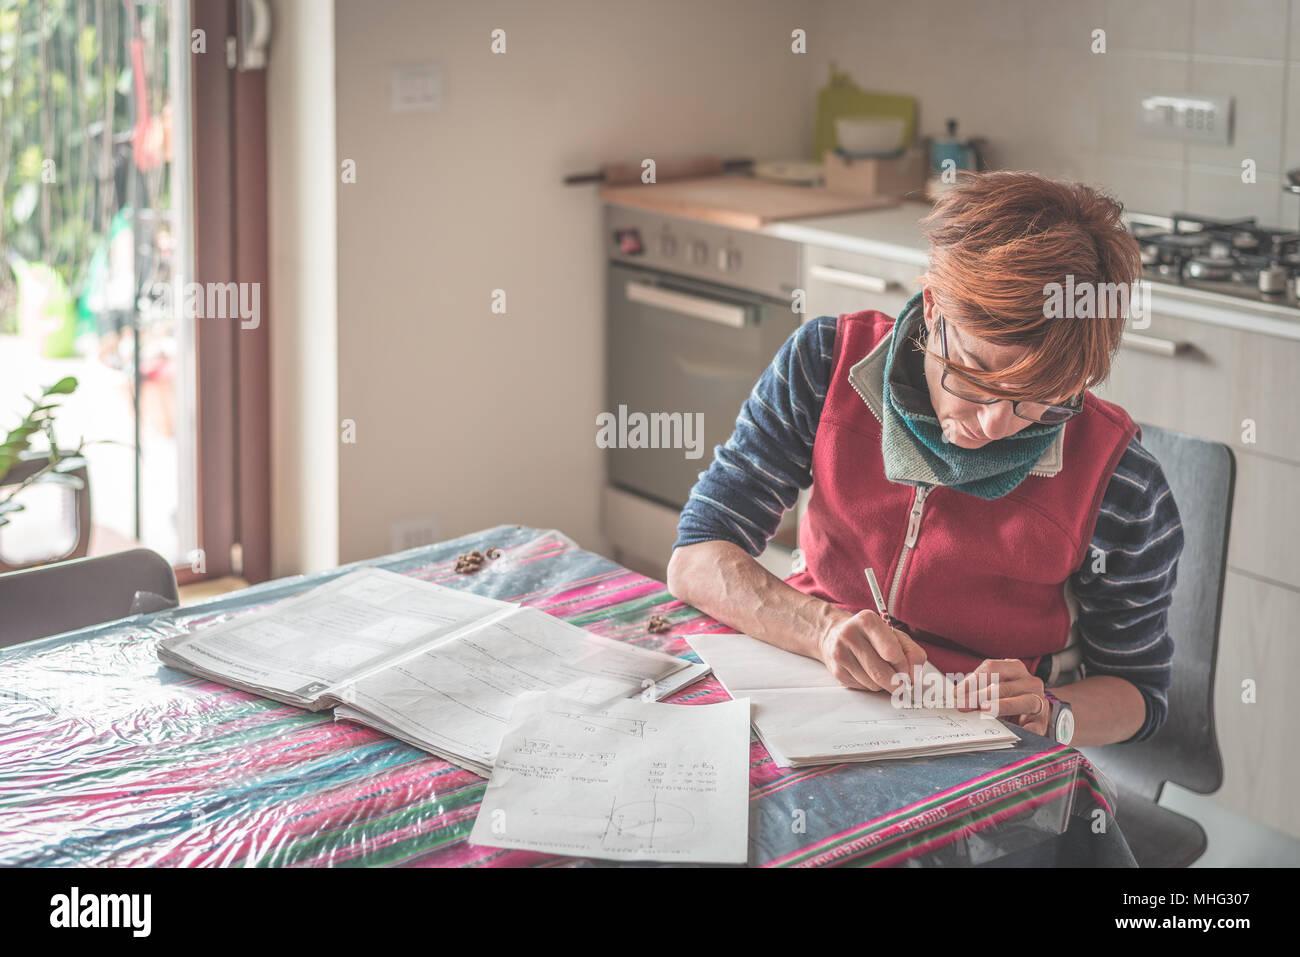 Femme à lunettes assis à table, la lecture et l'écriture les formalités administratives et de documents. Selective focus, home Interiors. Concept de travail à domicile. Photo Stock